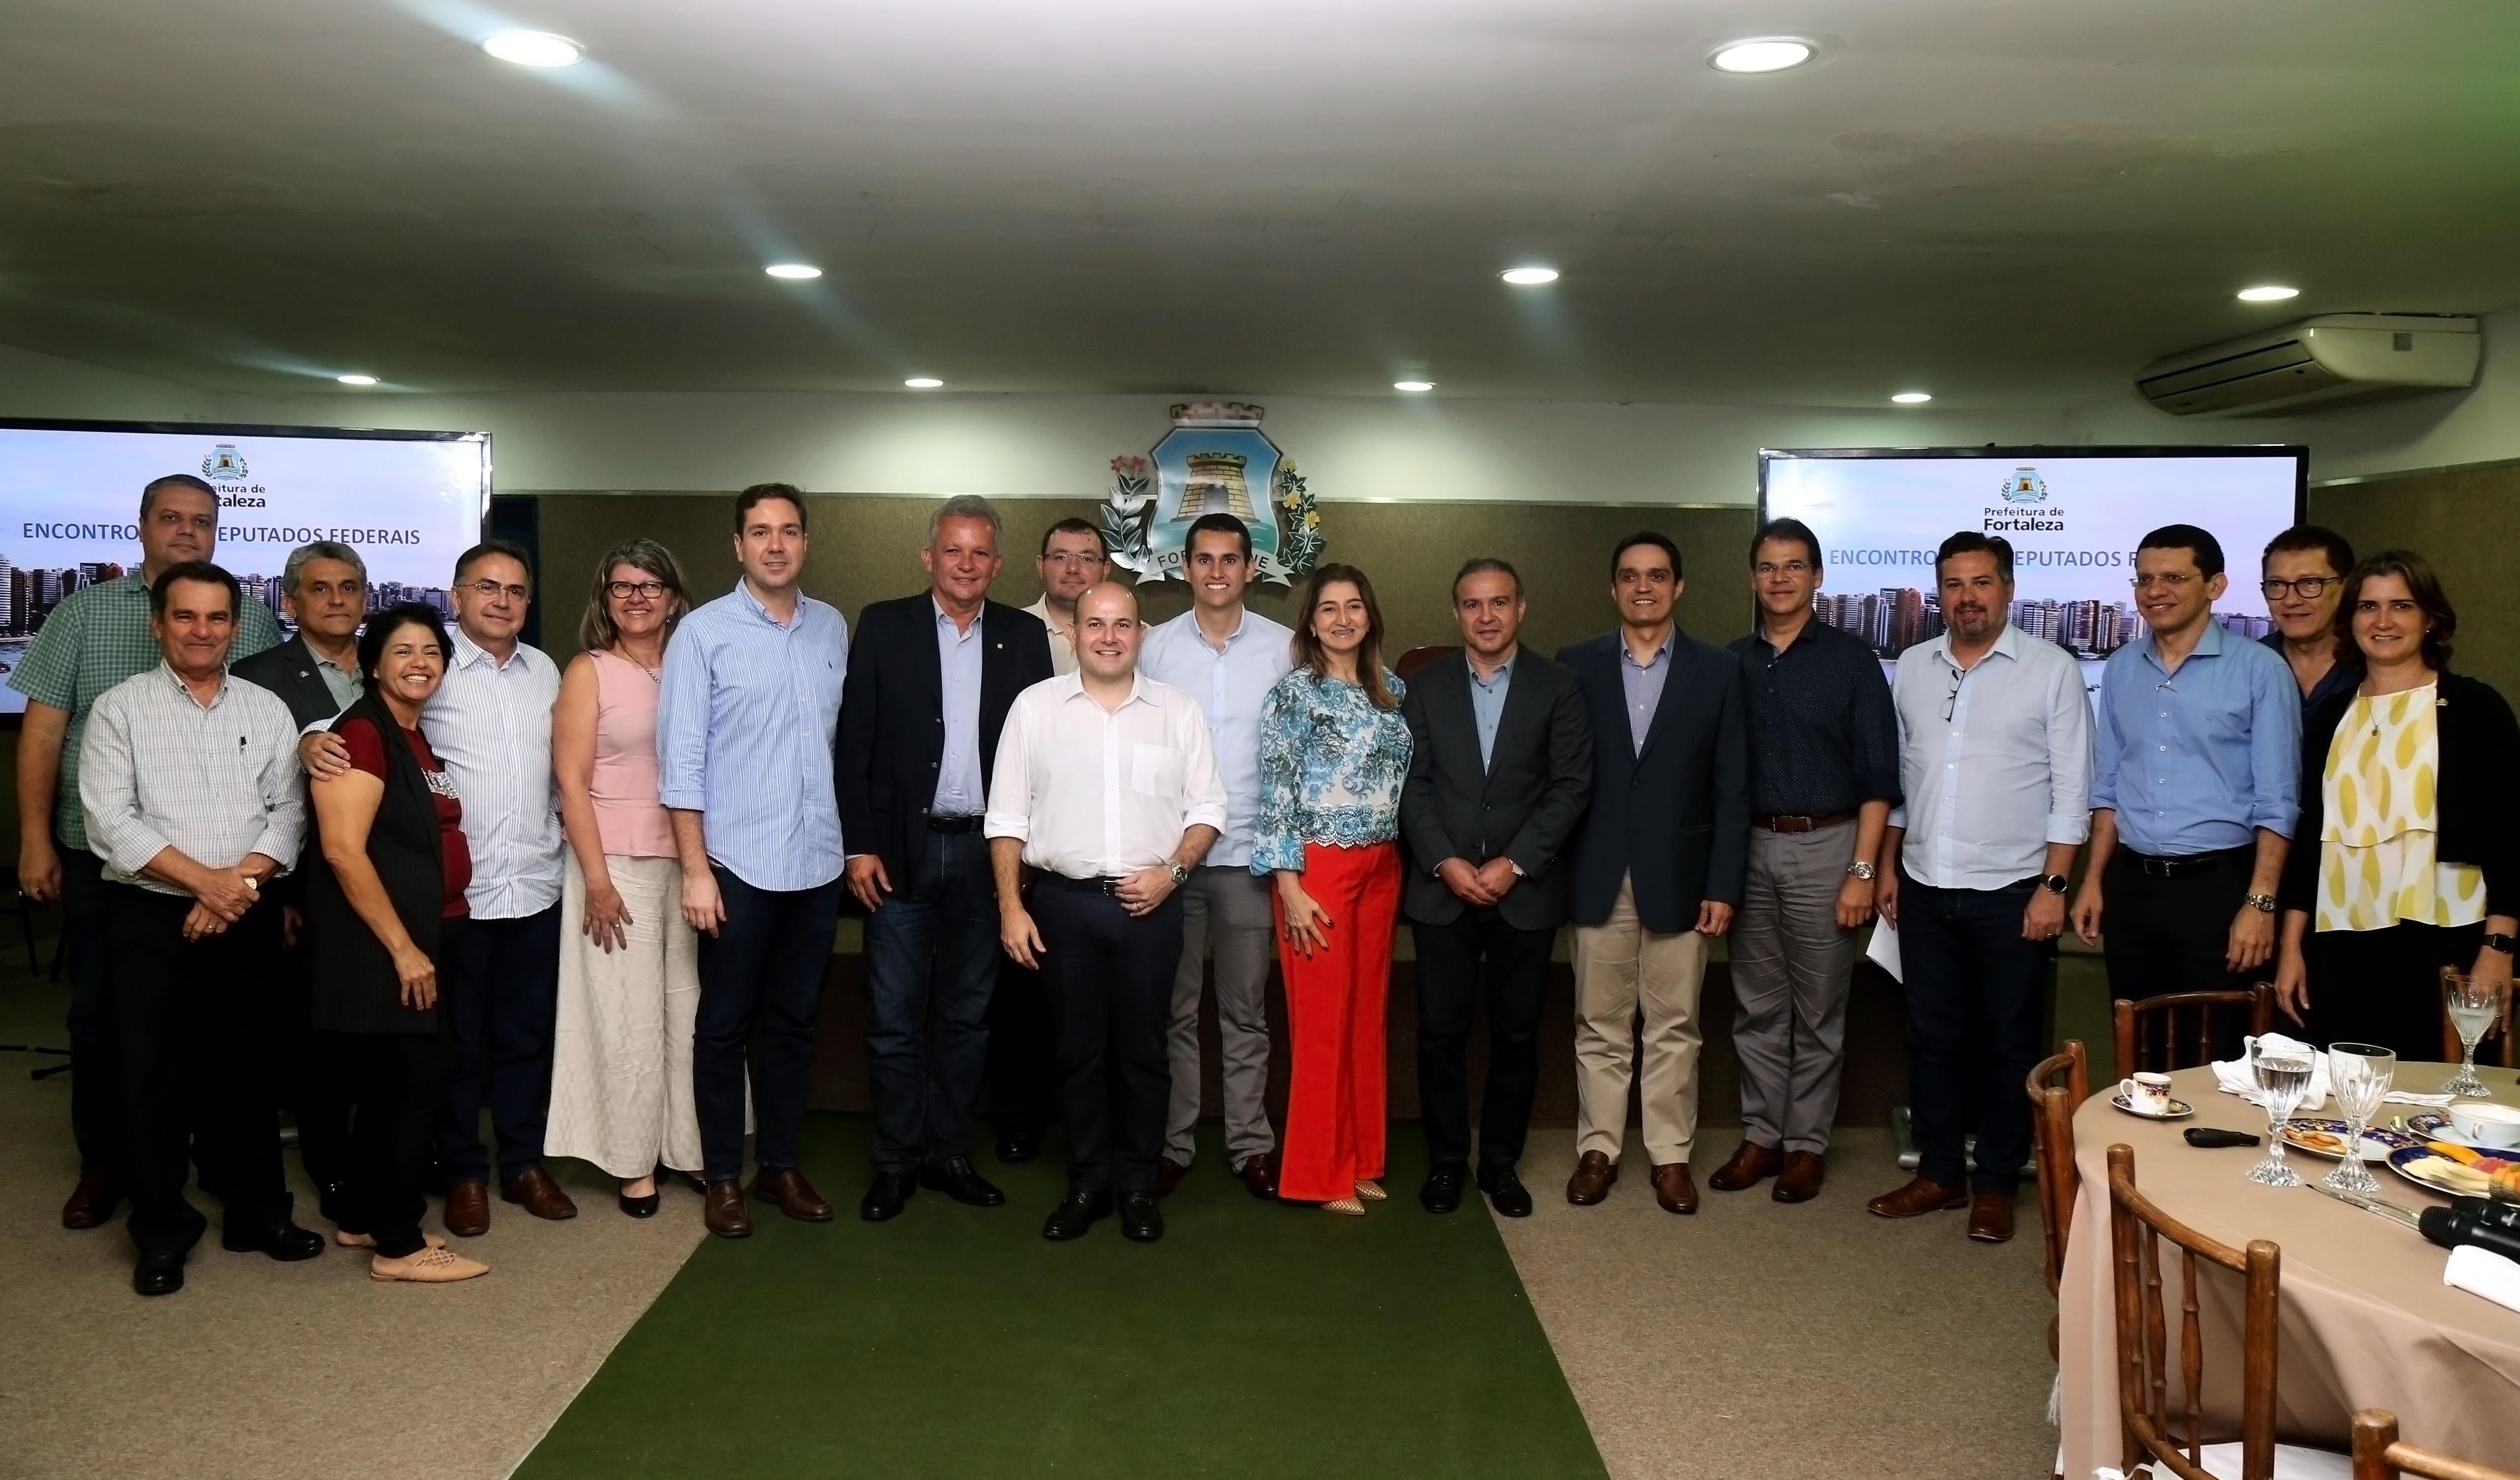 Prefeito Roberto Cláudio se reúne com bancada federal do Ceará no Paço Municipal